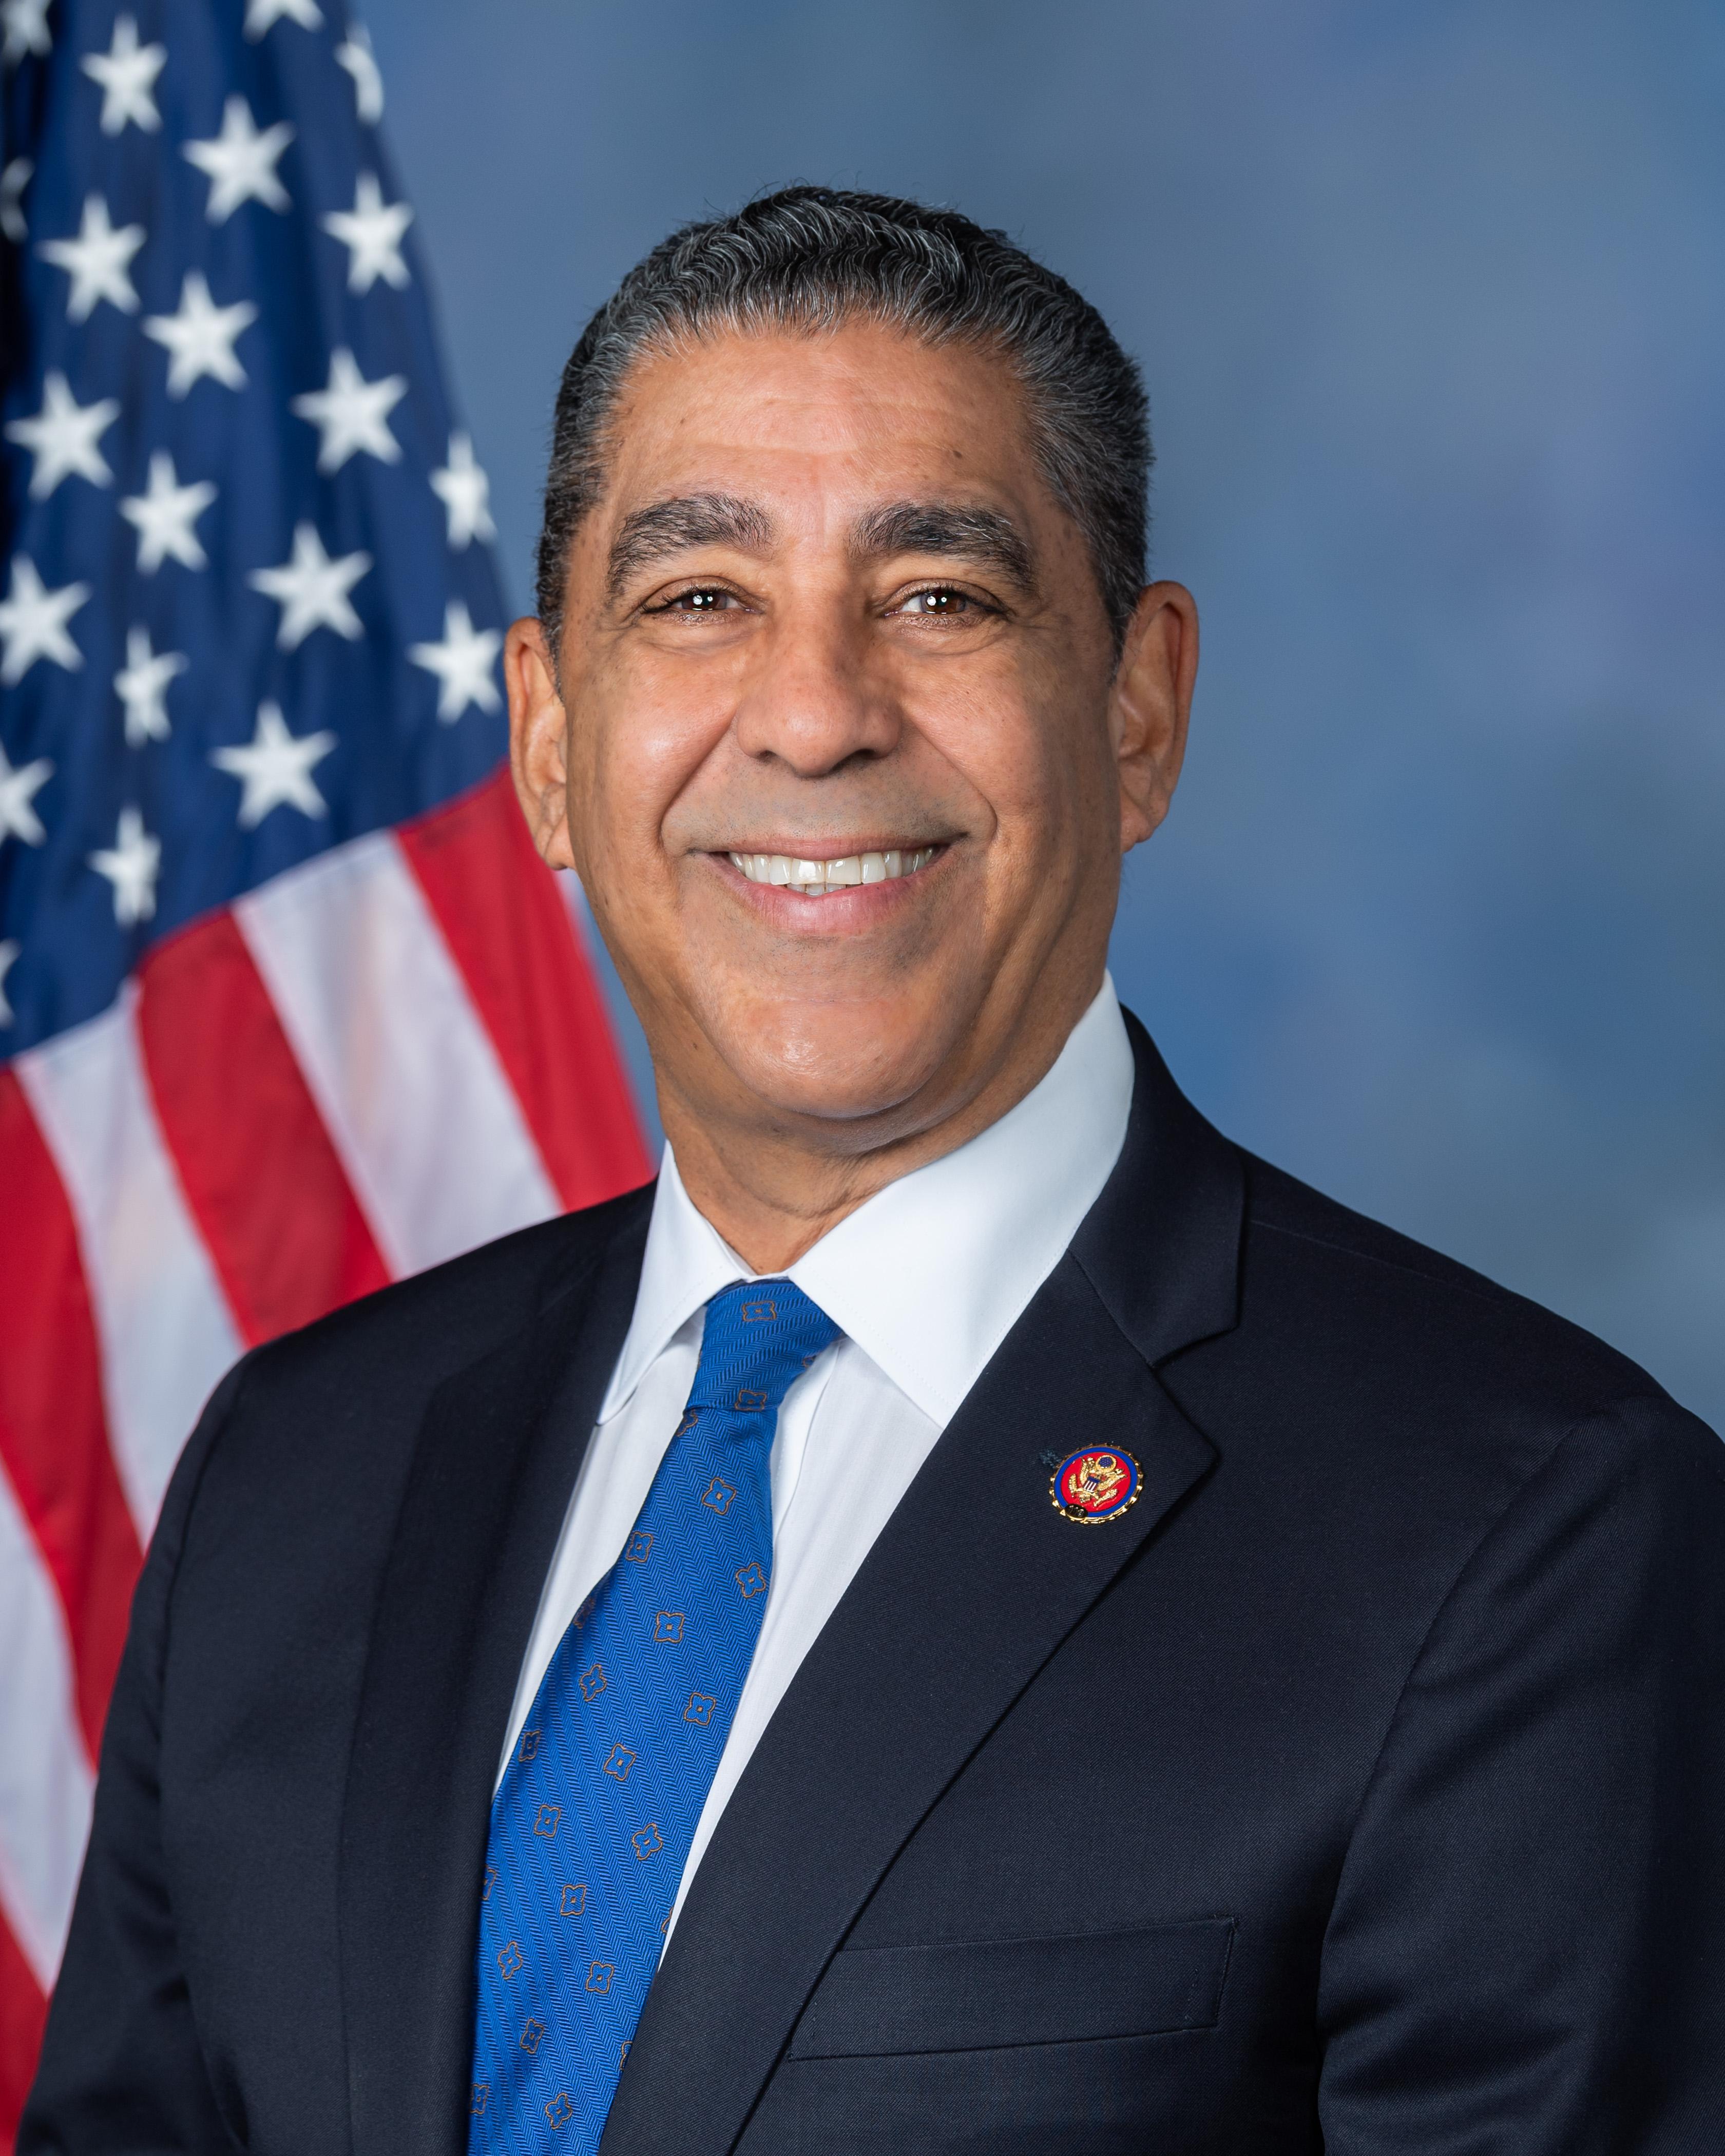 Representative Adriano Espaillat New York's 13th Congressional District